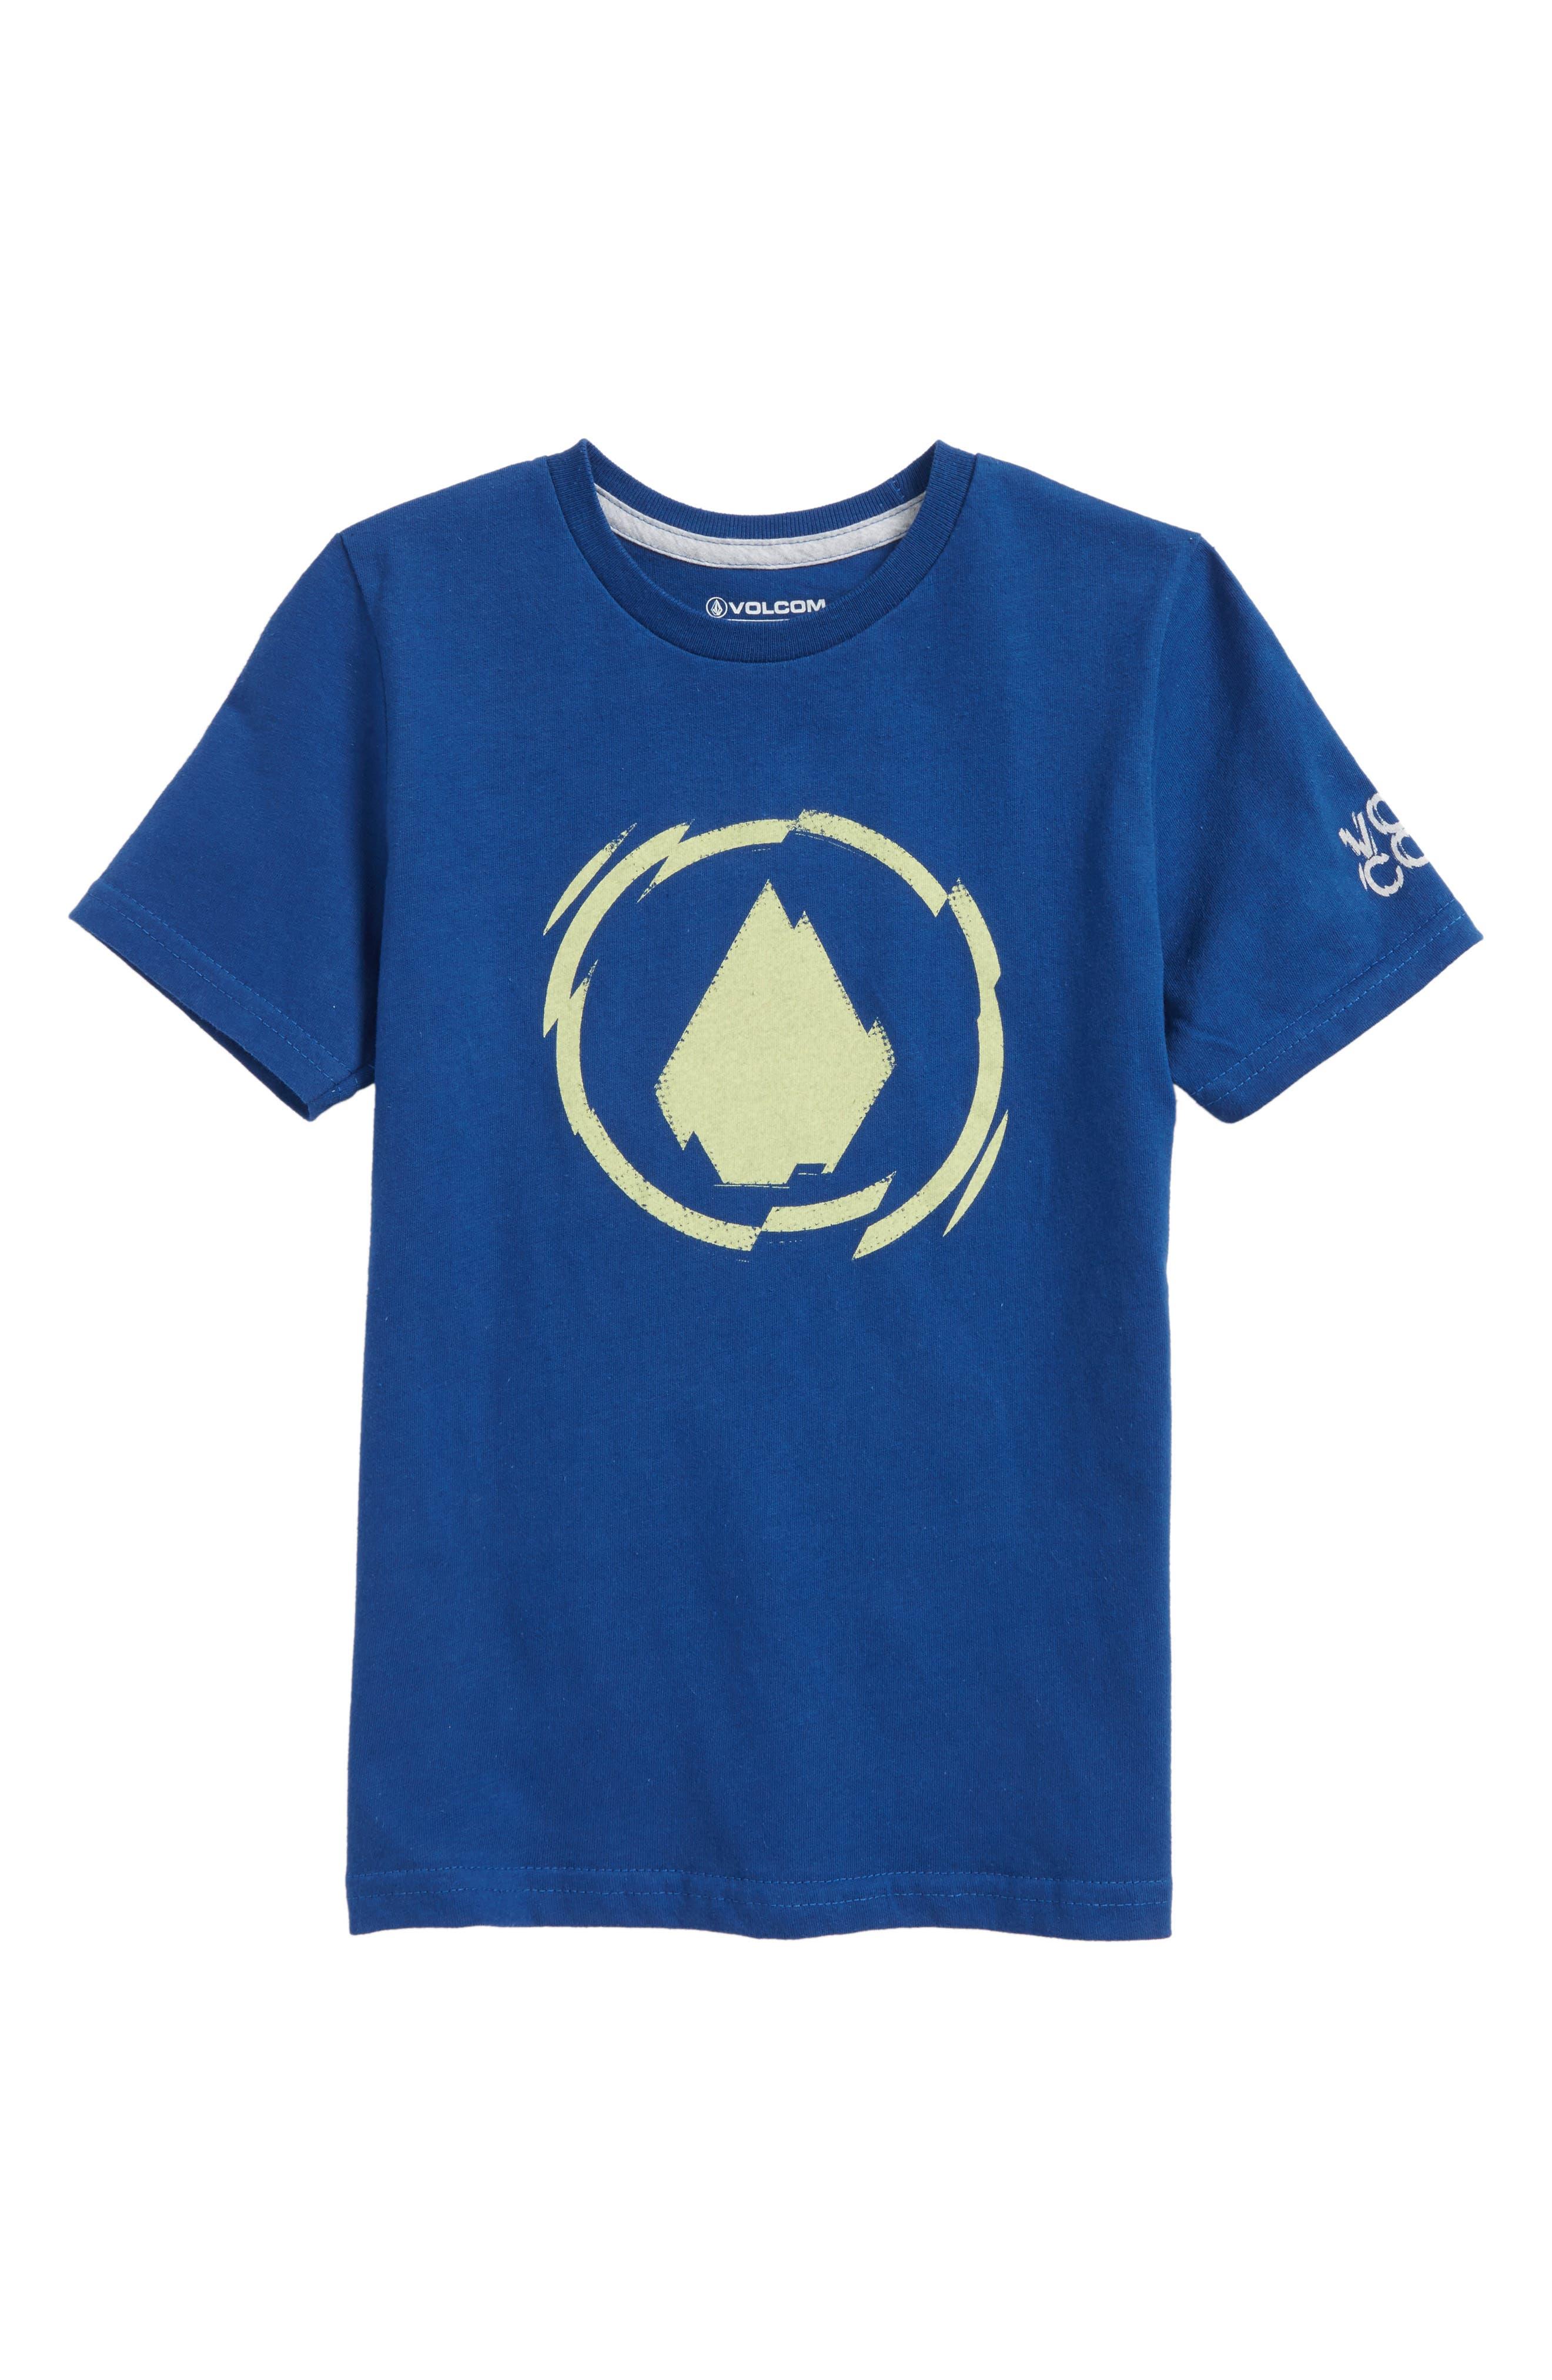 Shatter T-Shirt,                         Main,                         color, Camper Blue